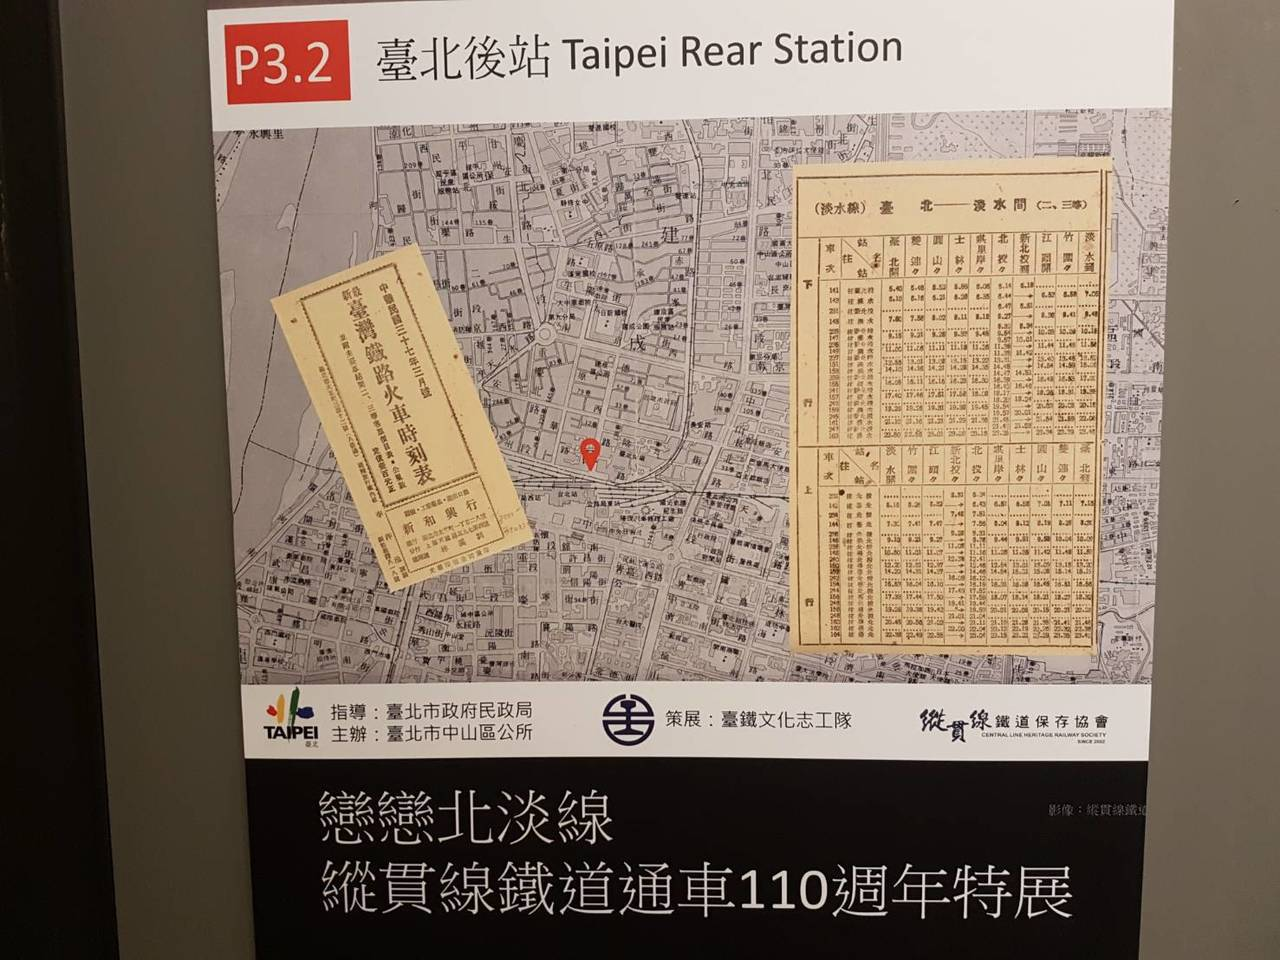 台灣縱貫線鐵道通車110周年在台北中山公民會館舉辦特展。圖/縱貫線鐵道保存協會提...